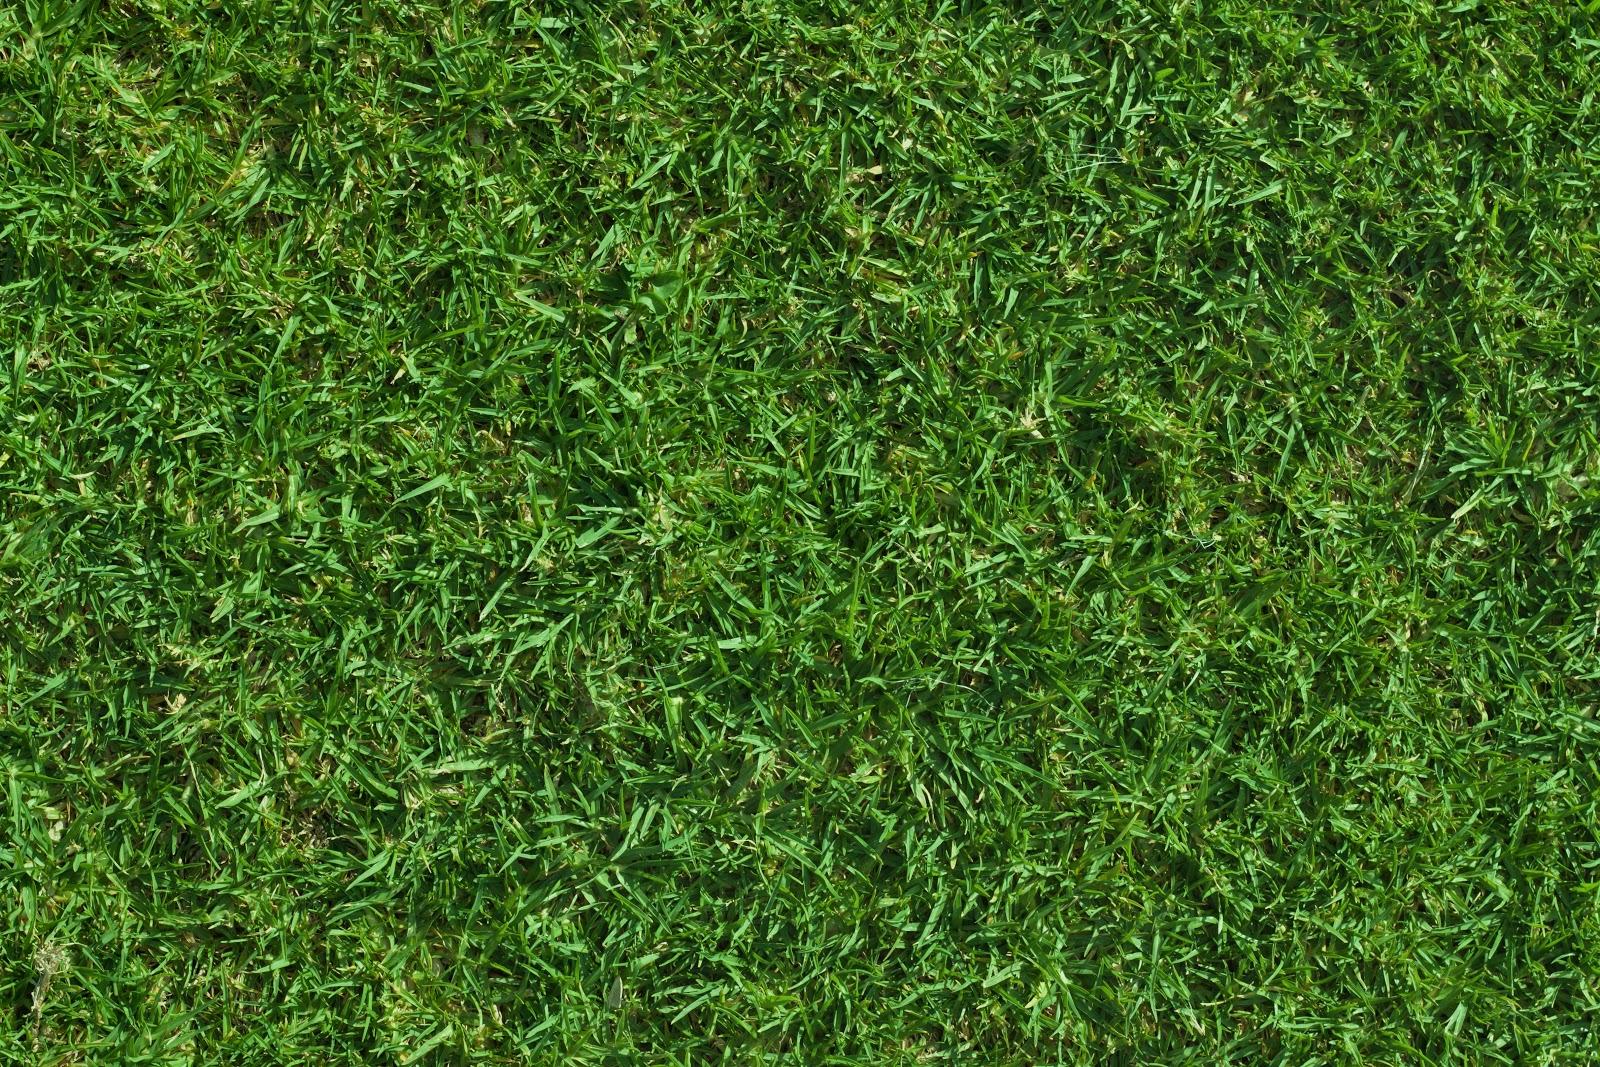 Grass Texture Seamless Hd